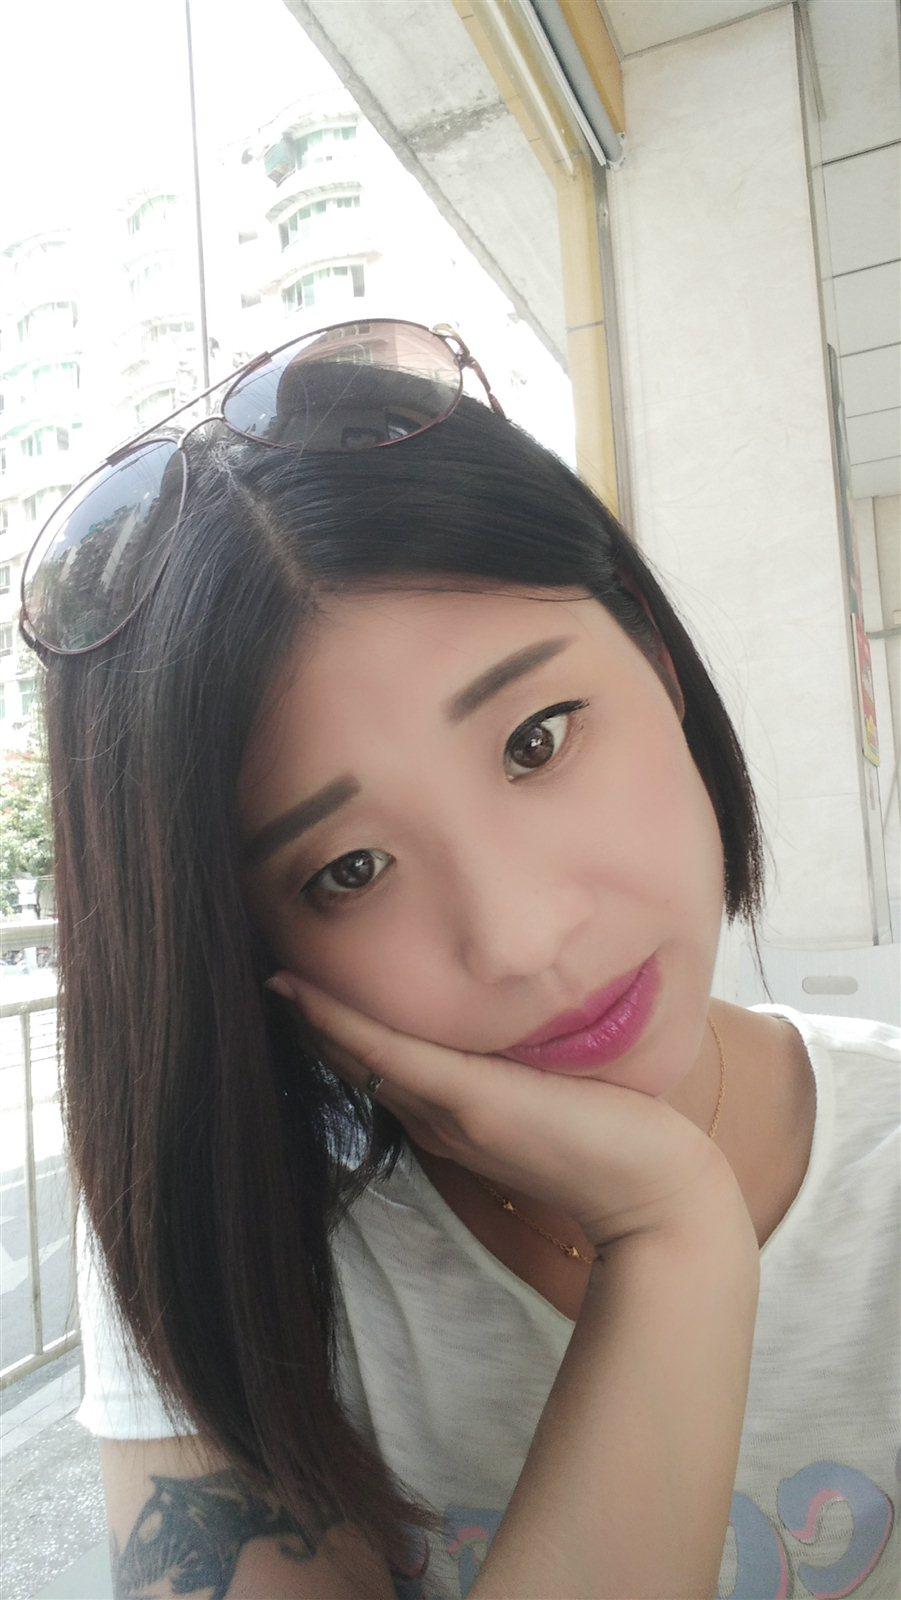 530814李靖